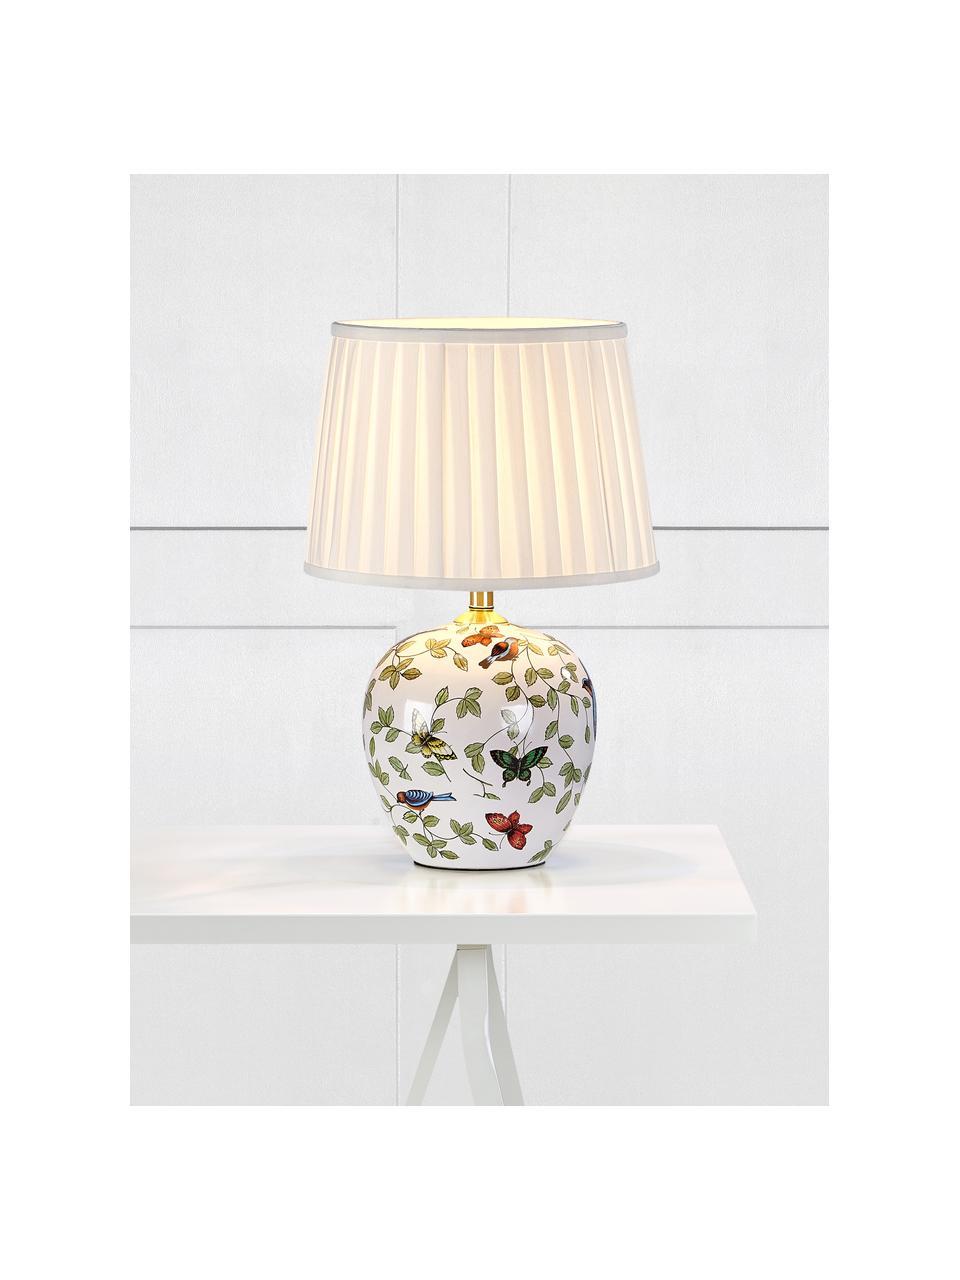 Lampada da tavolo in ceramica Mansion, Paralume: tessuto, Base della lampada: ceramica, Bianco, multicolore, Ø 31 x Alt. 45 cm